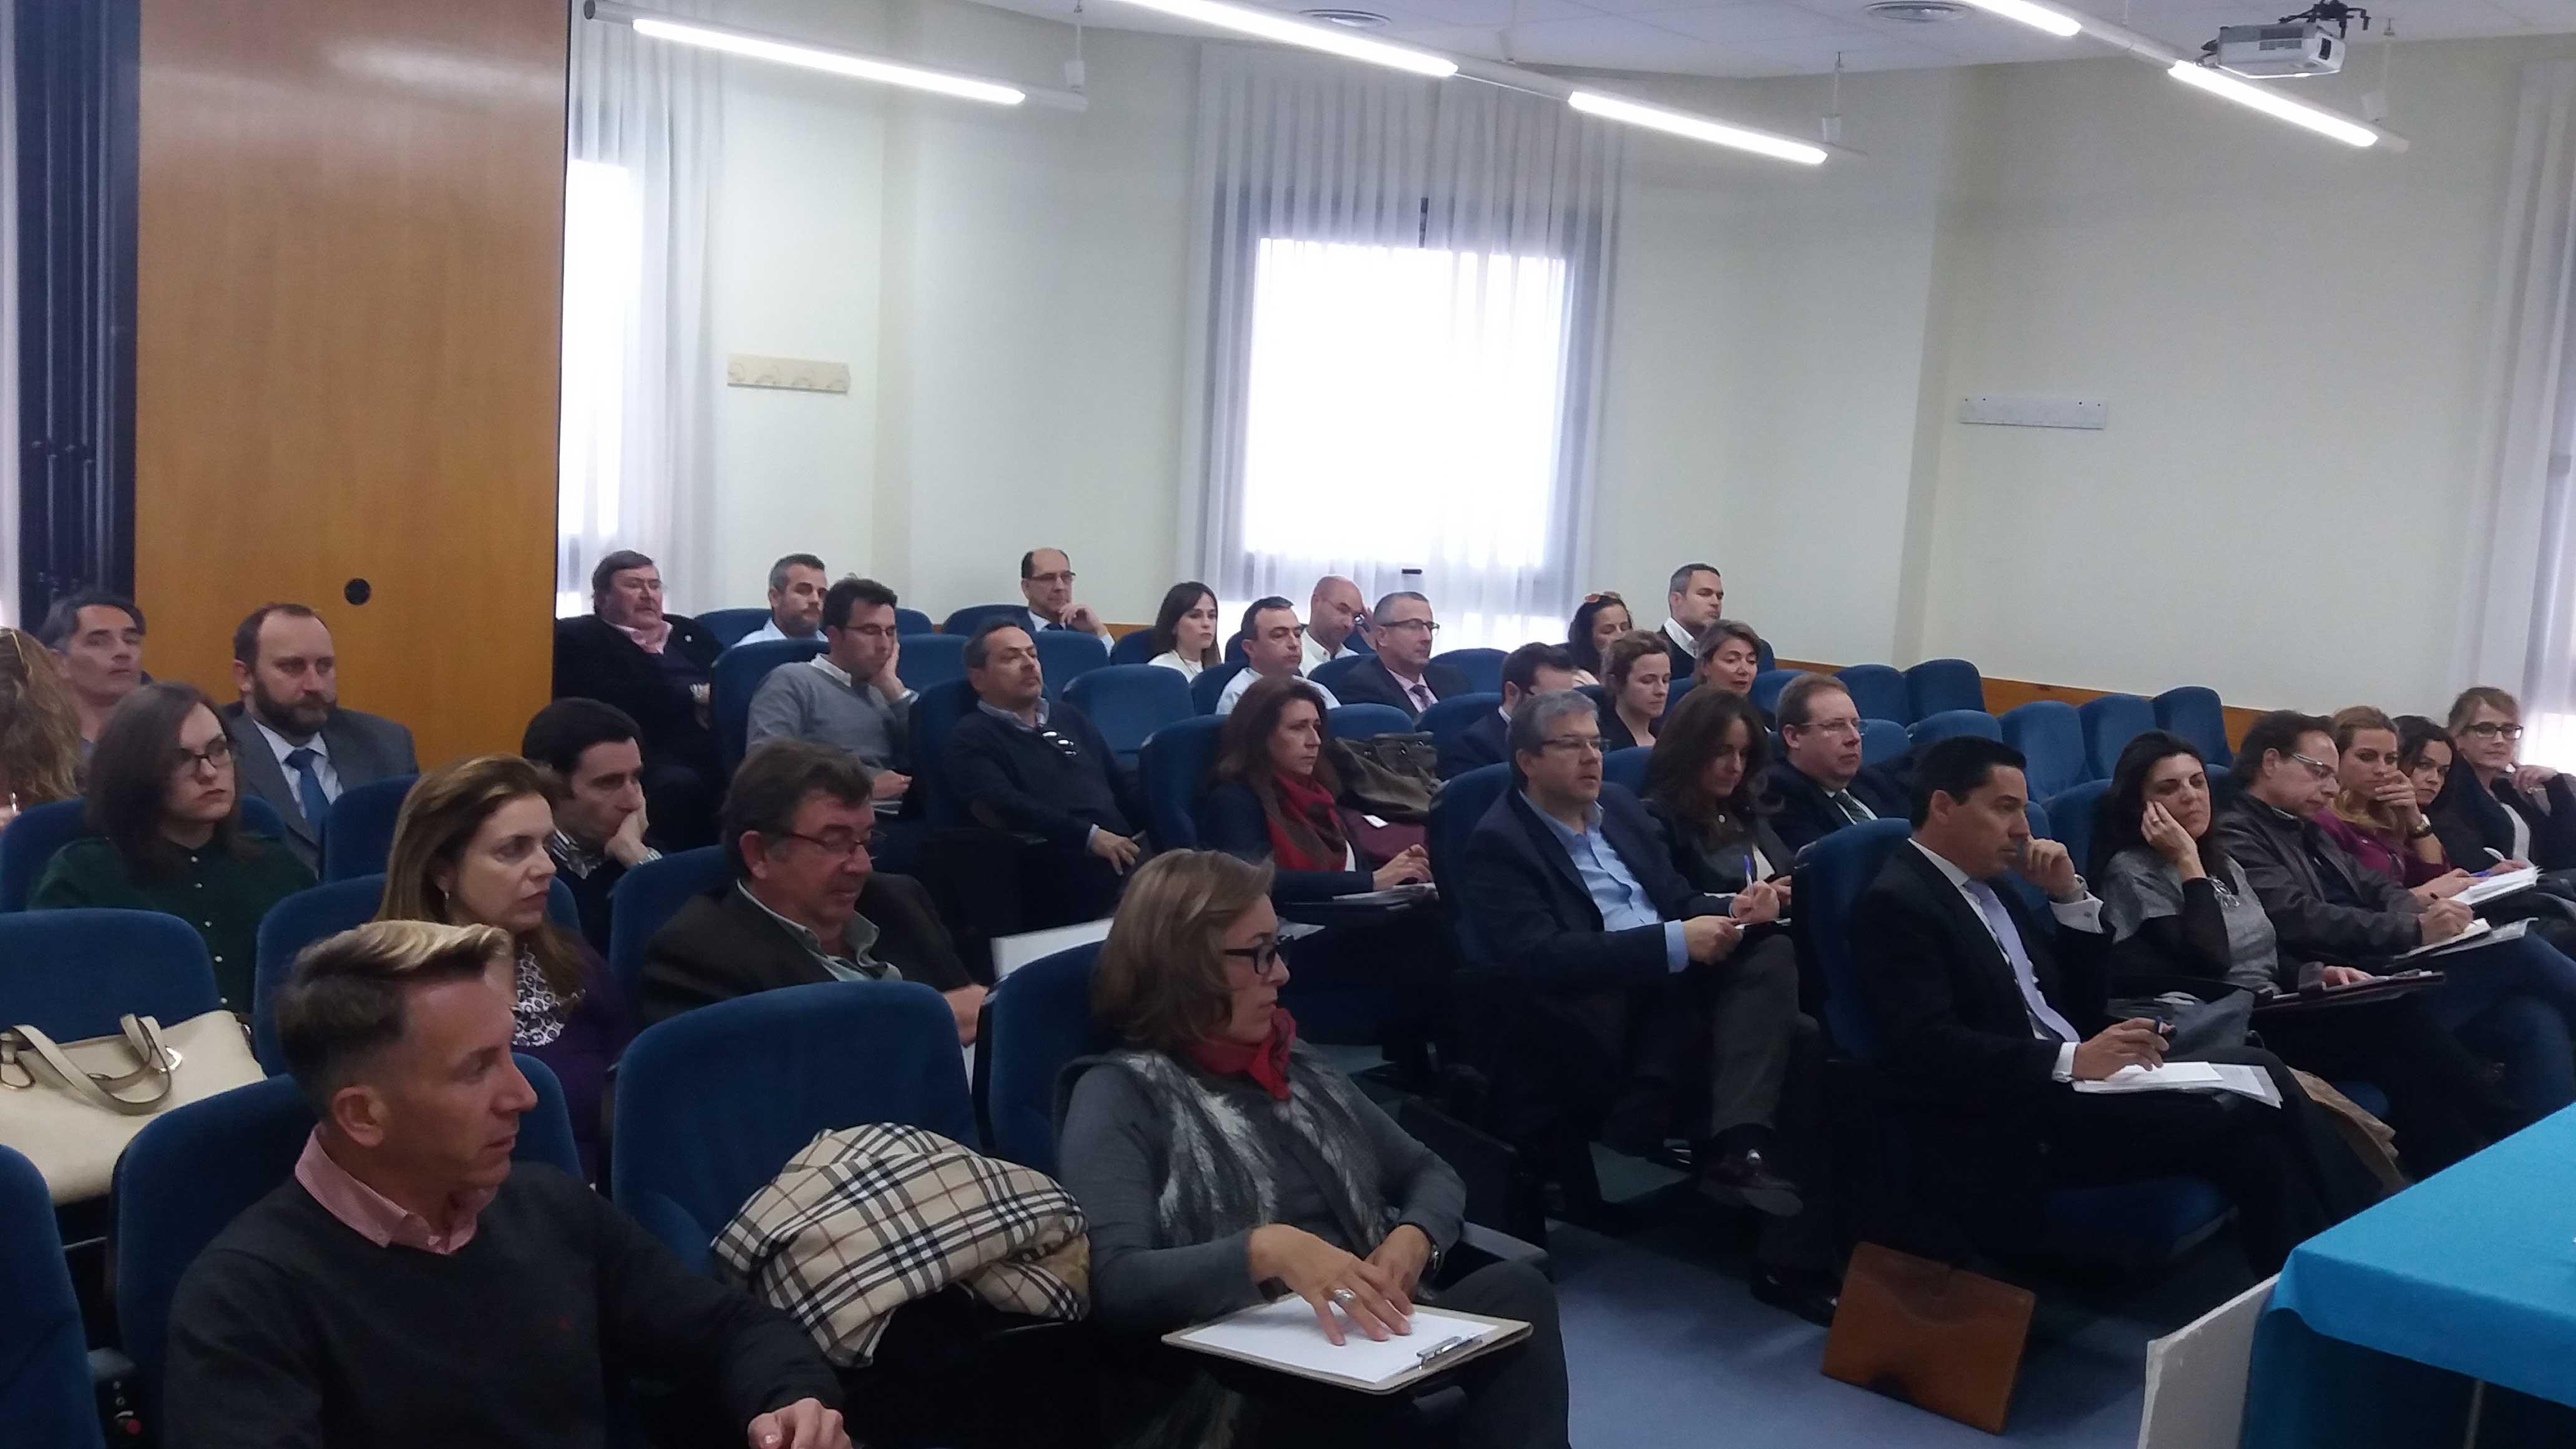 Jornada sobre la prevención del blanqueo de capitales en transmisiones inmobiliarias y societarias